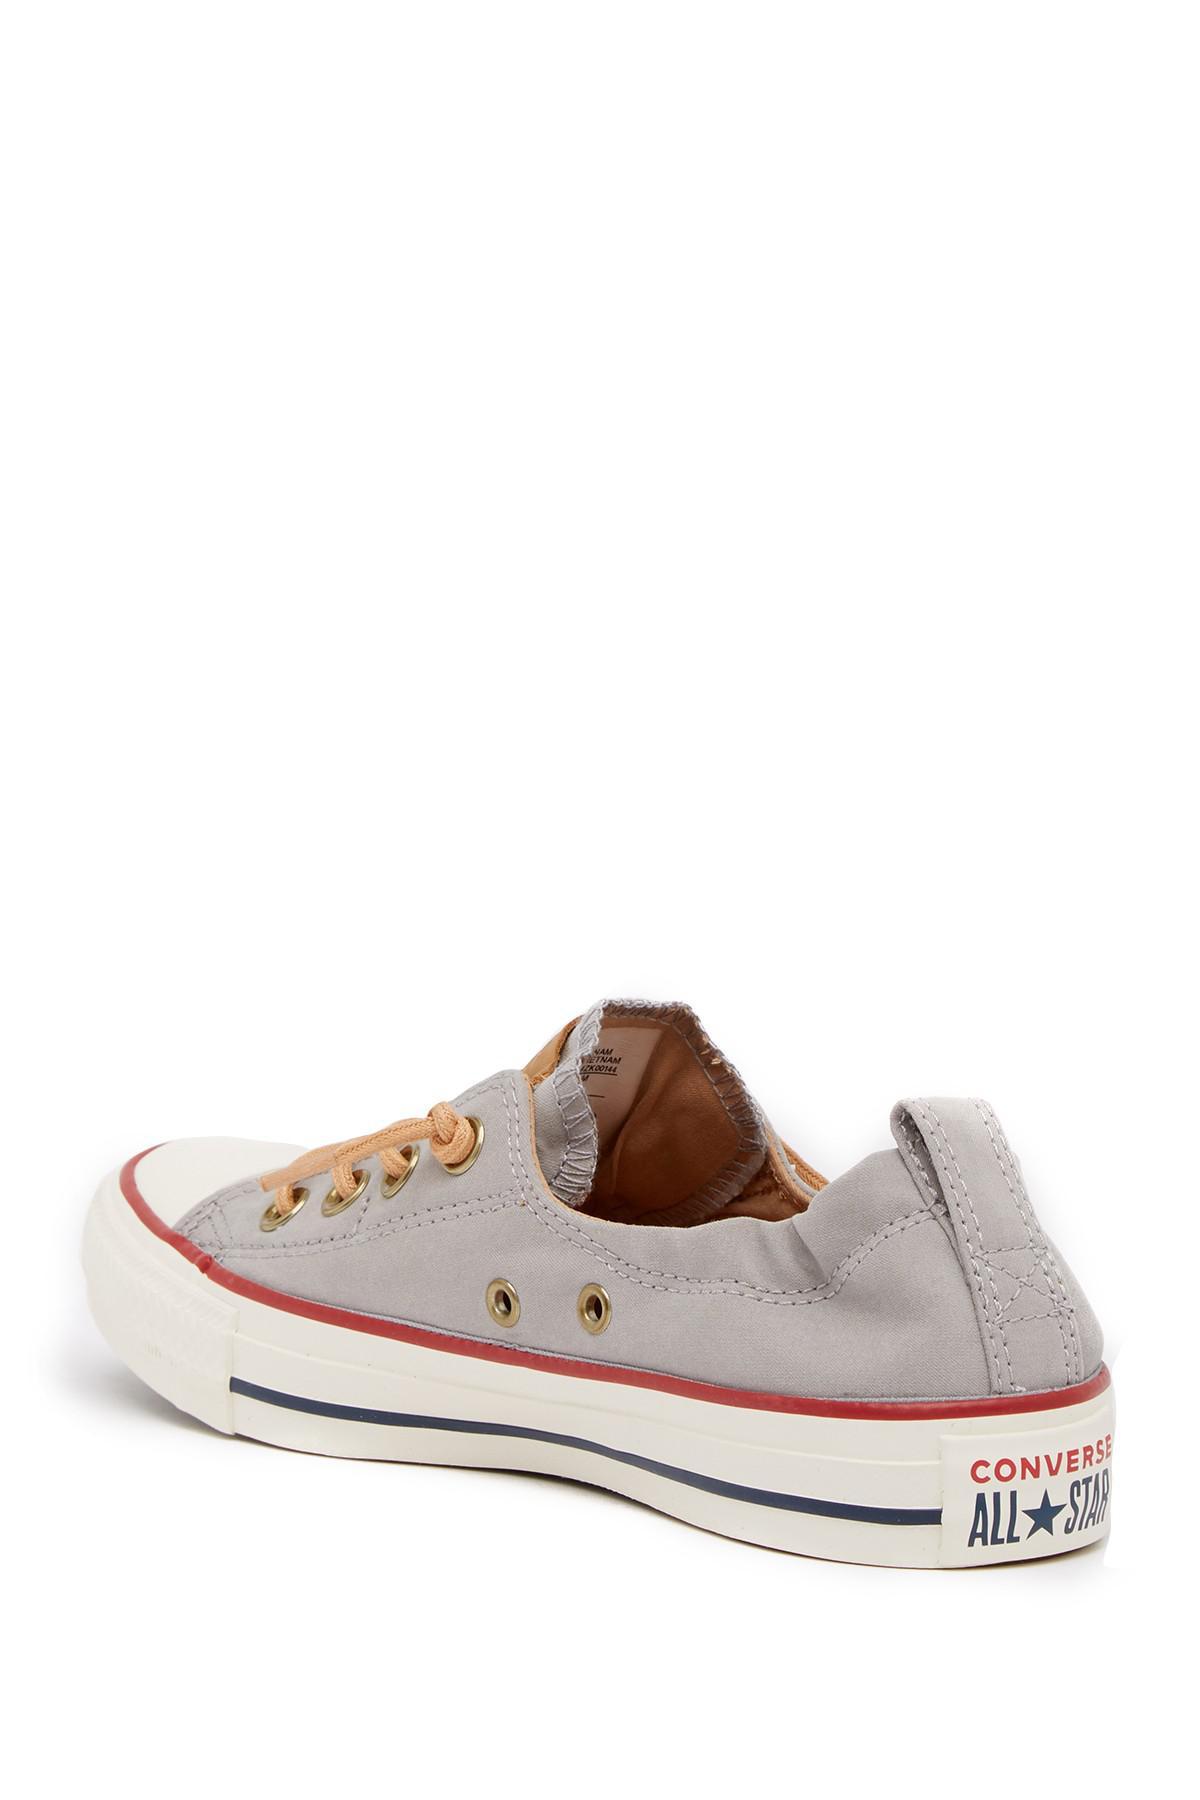 Converse Shoreline Sneaker (women) in